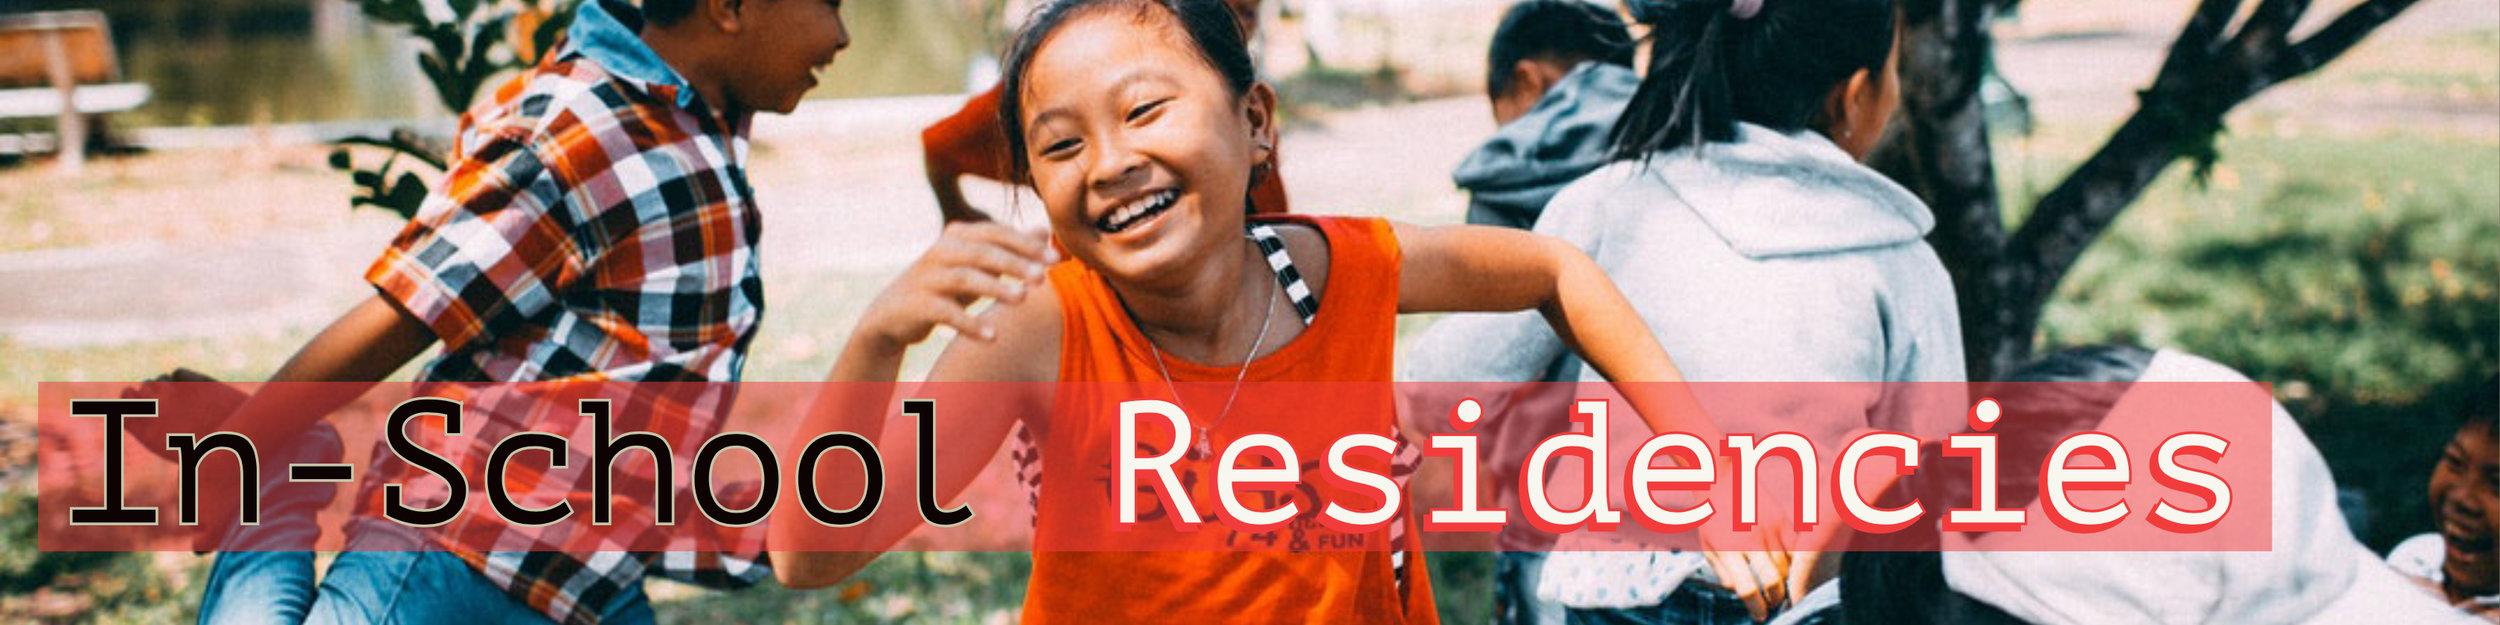 In School Residency Pic Web.jpg